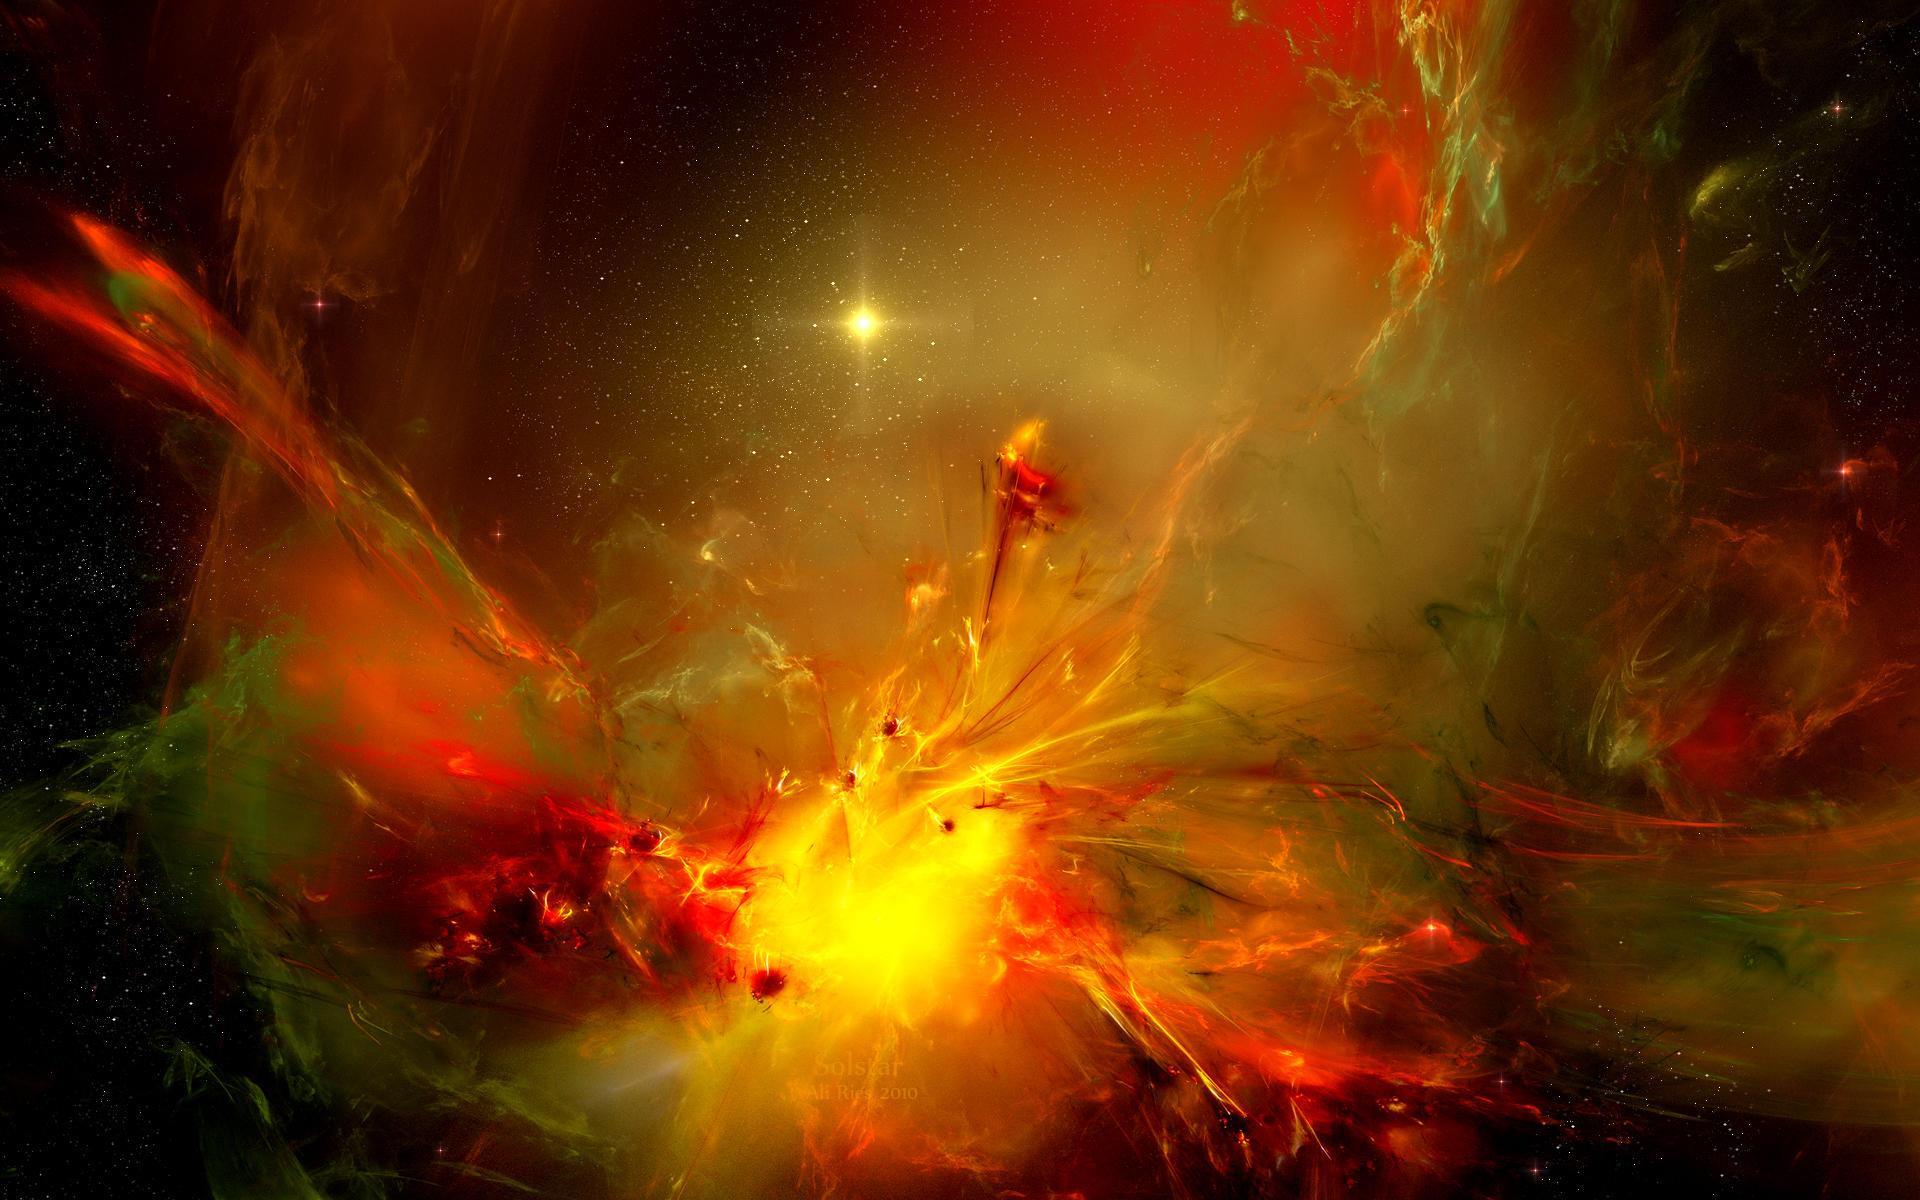 Разожгу огонь до небес